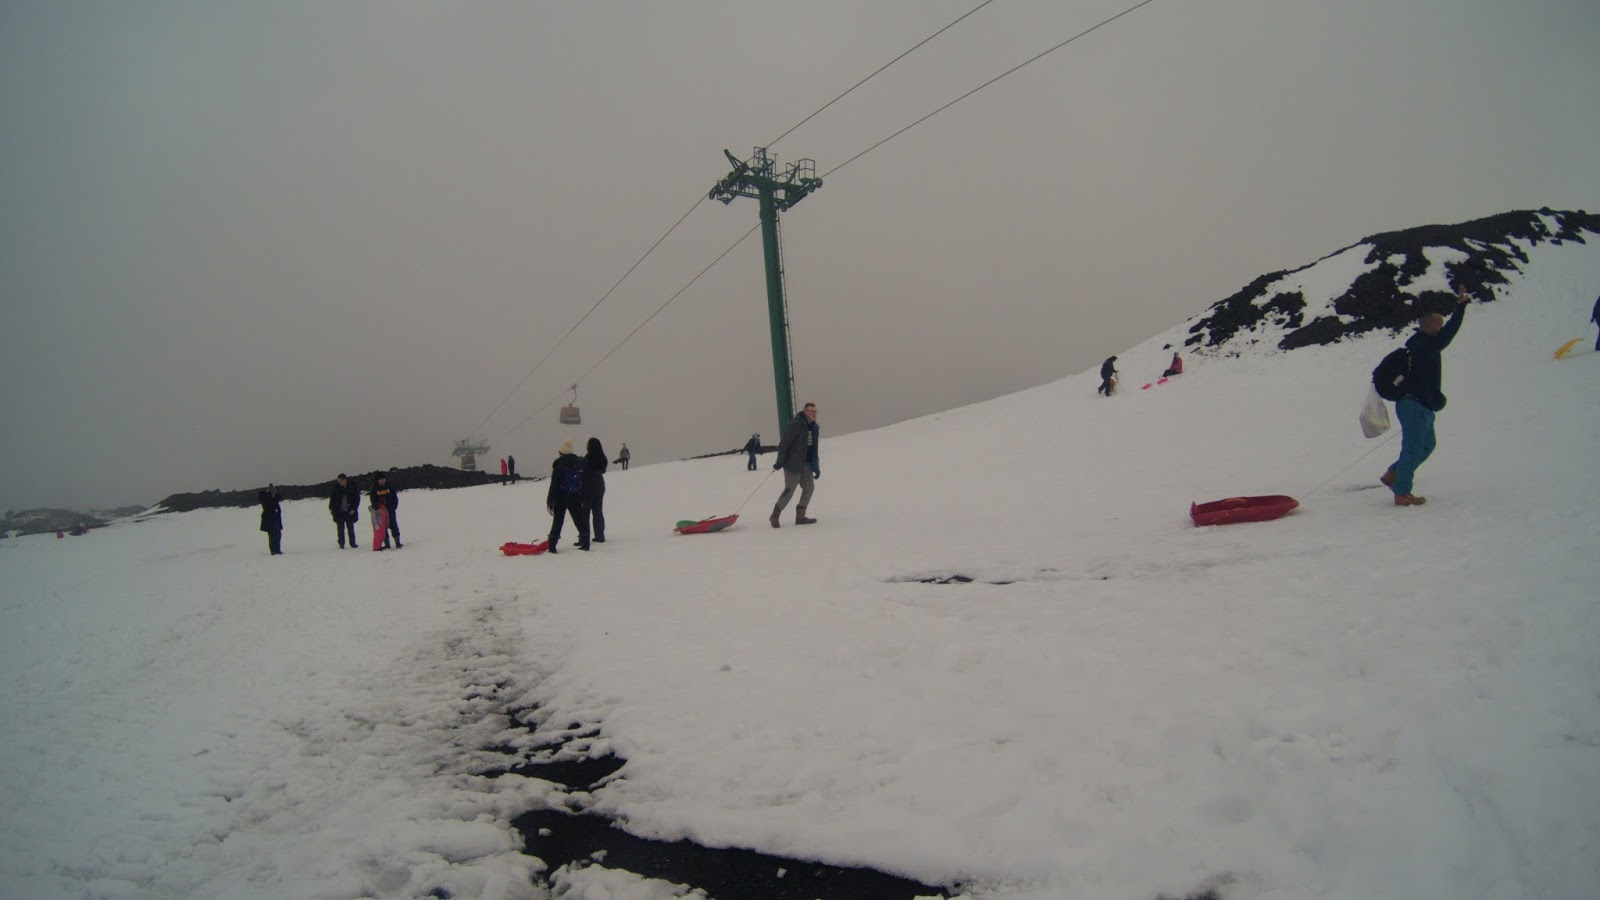 stok narciarski etna